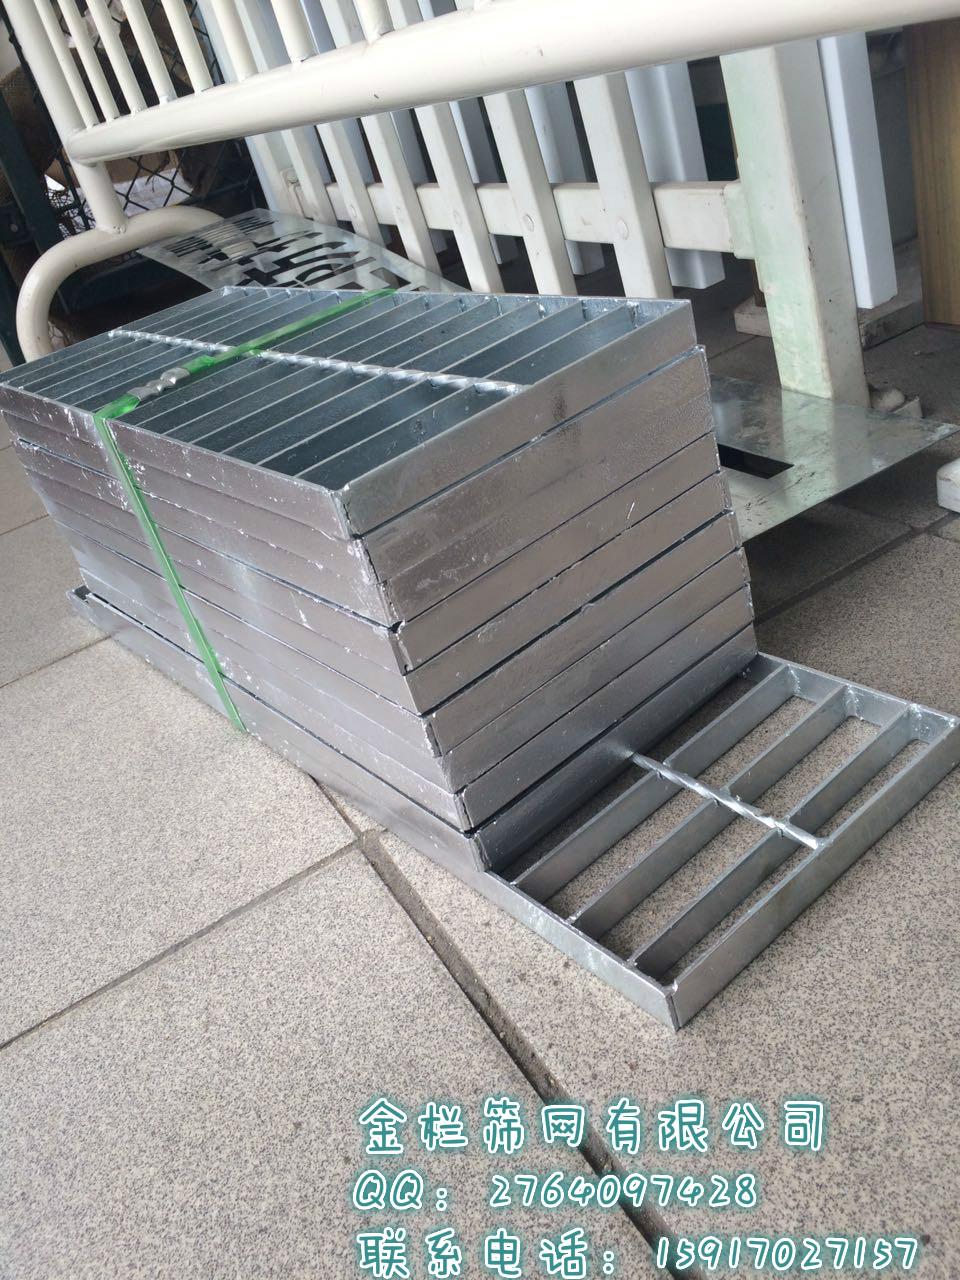 1、采用热浸镀锌表面处理: 具有很强的防锈力强 2、国内先进的防盖设计:由钢格板制作的水沟盖与框用铰链联接,防盗,安全,开启方便 3、产品外形美观:简捷线条,银色外表,现代意念 4、网孔大具有最佳排水:漏水面积达83.3%,是铸铁的两倍多。 5、用料省节省投资:大跨、重载时,比铸铁价格低;并可节省铸铁盖因被盗或压碎而更换的费用。 6、采用高强度碳钢,使钢格板具有很高的强度:强度和韧性远高于铸铁,可用于码头,机场等大跨度和重载荷的环境。 7、产品品种多:满足不同环境,载荷,跨度和形状所需,可按客户提供尺寸和